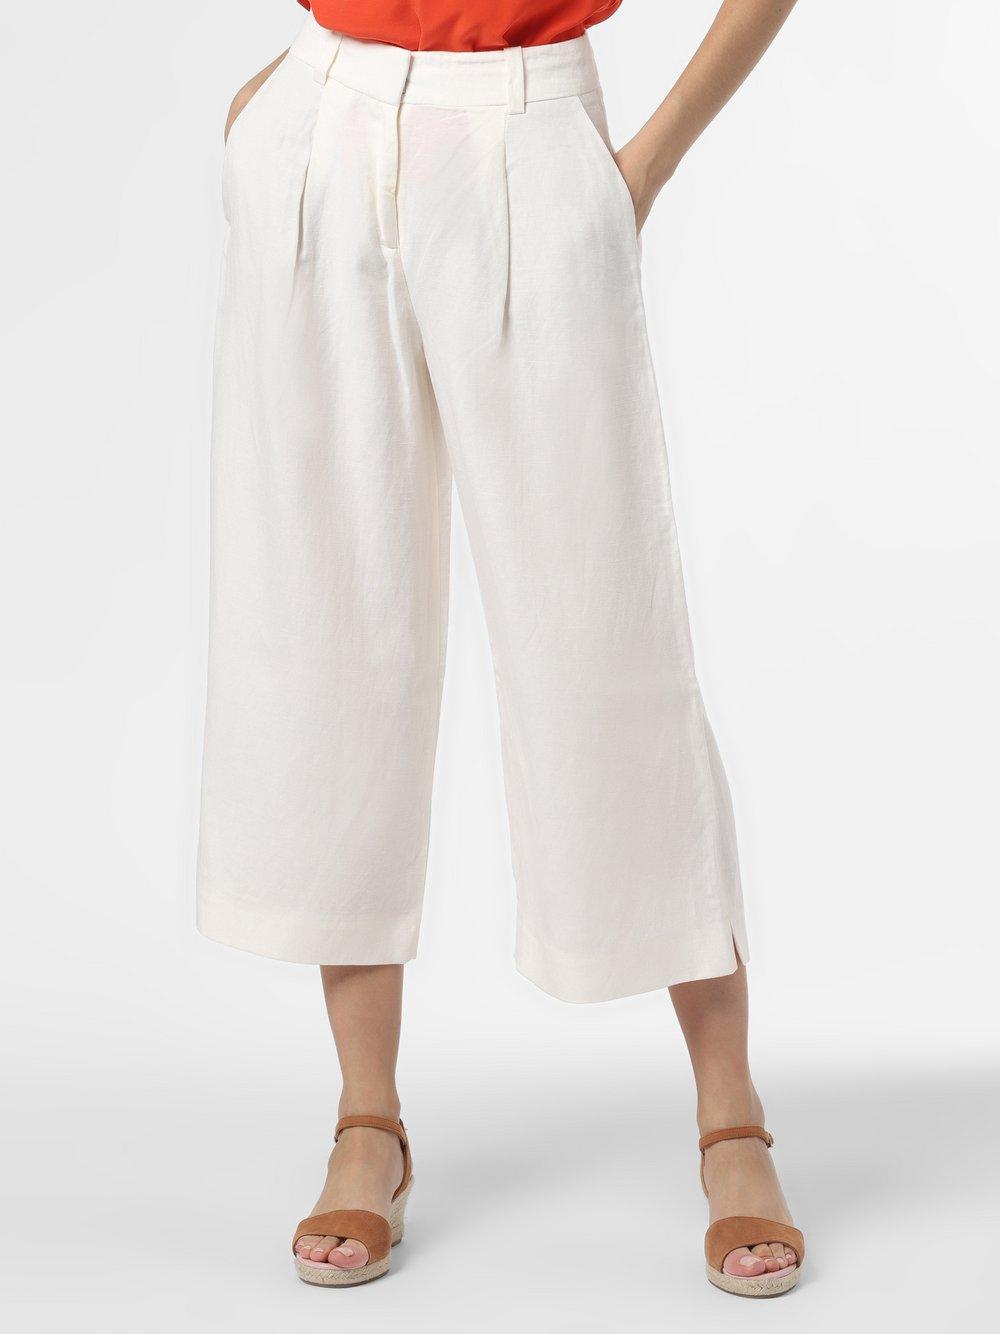 Esprit Collection - Spodnie damskie z dodatkiem lnu, beżowy